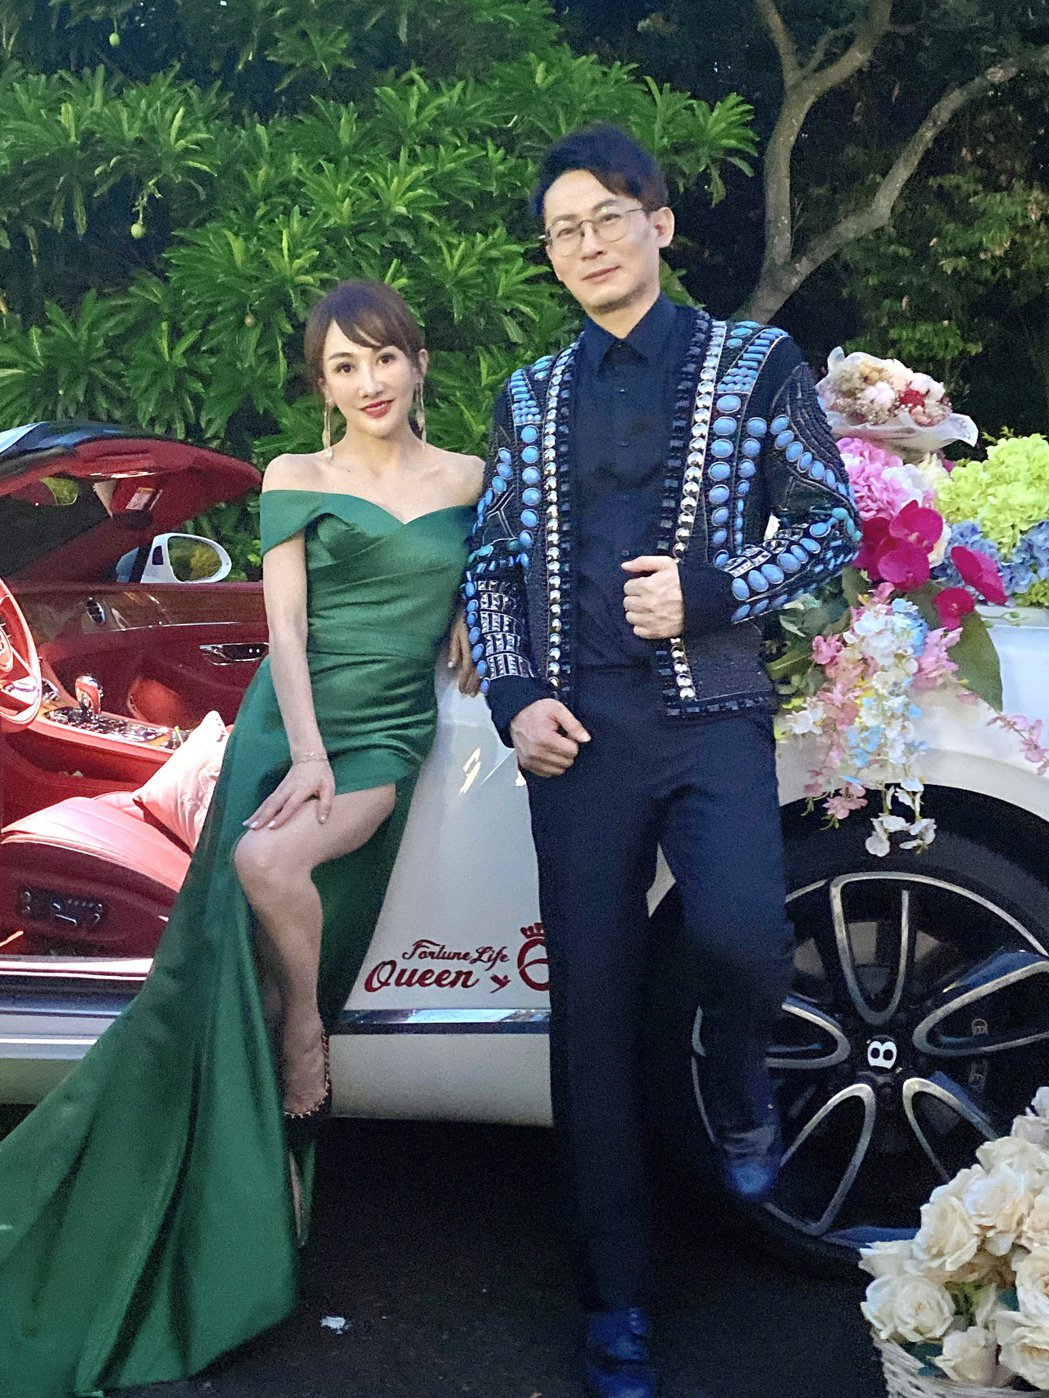 「財富女神」王宥忻(左)與老公翁董結婚10年,感情依舊濃情蜜意。圖/固力狗娛樂提